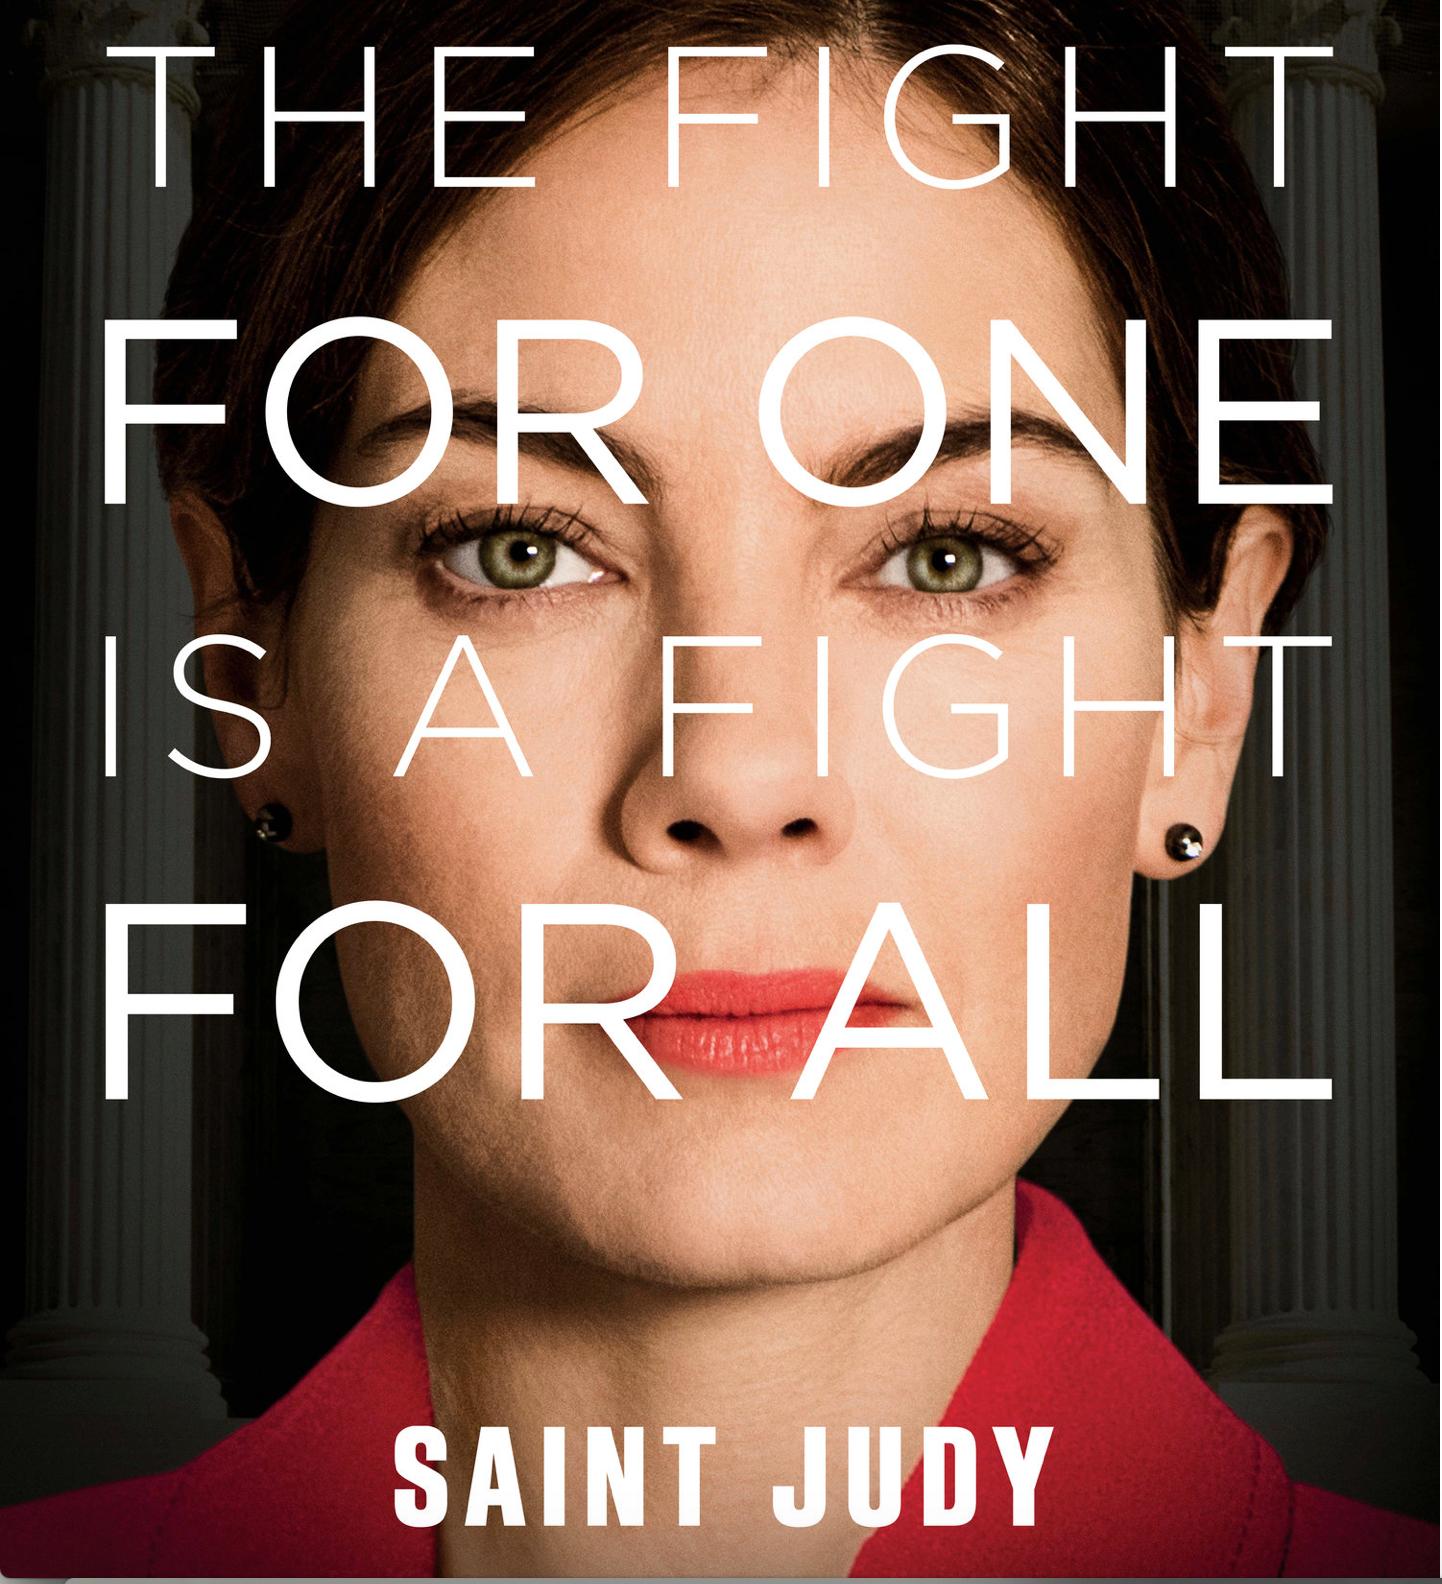 Saint Judy Screen Shot 2019-03-13 at 12.32.09 PM.png